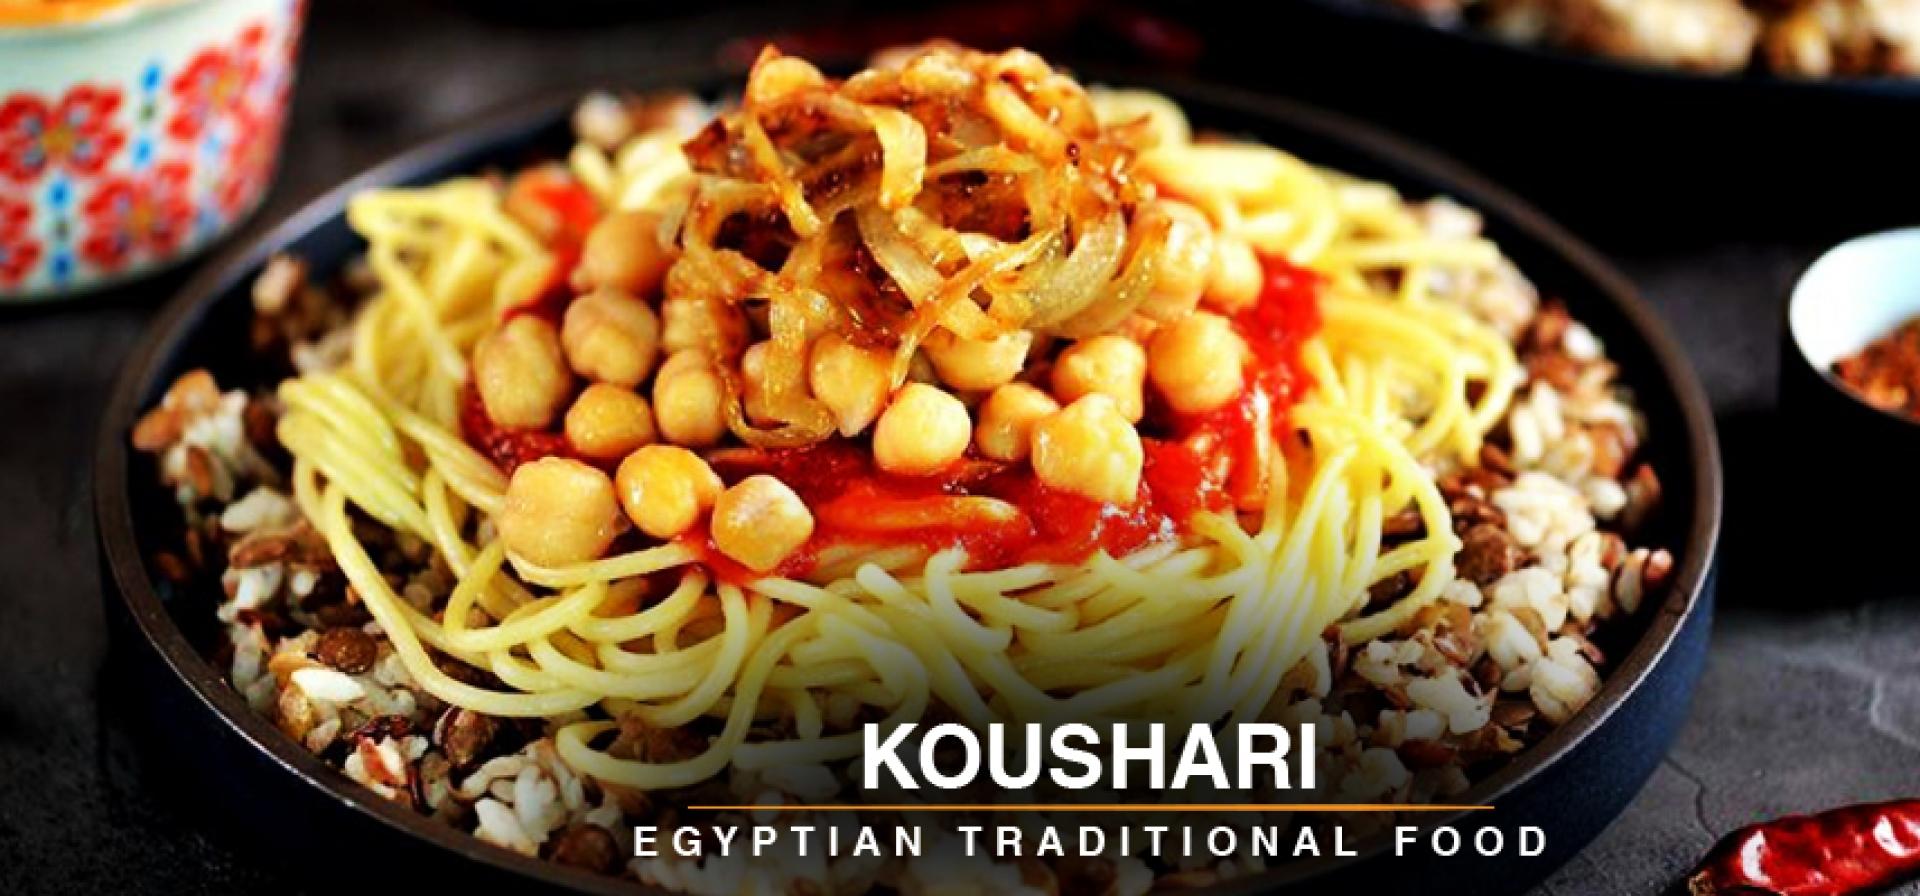 Koshari